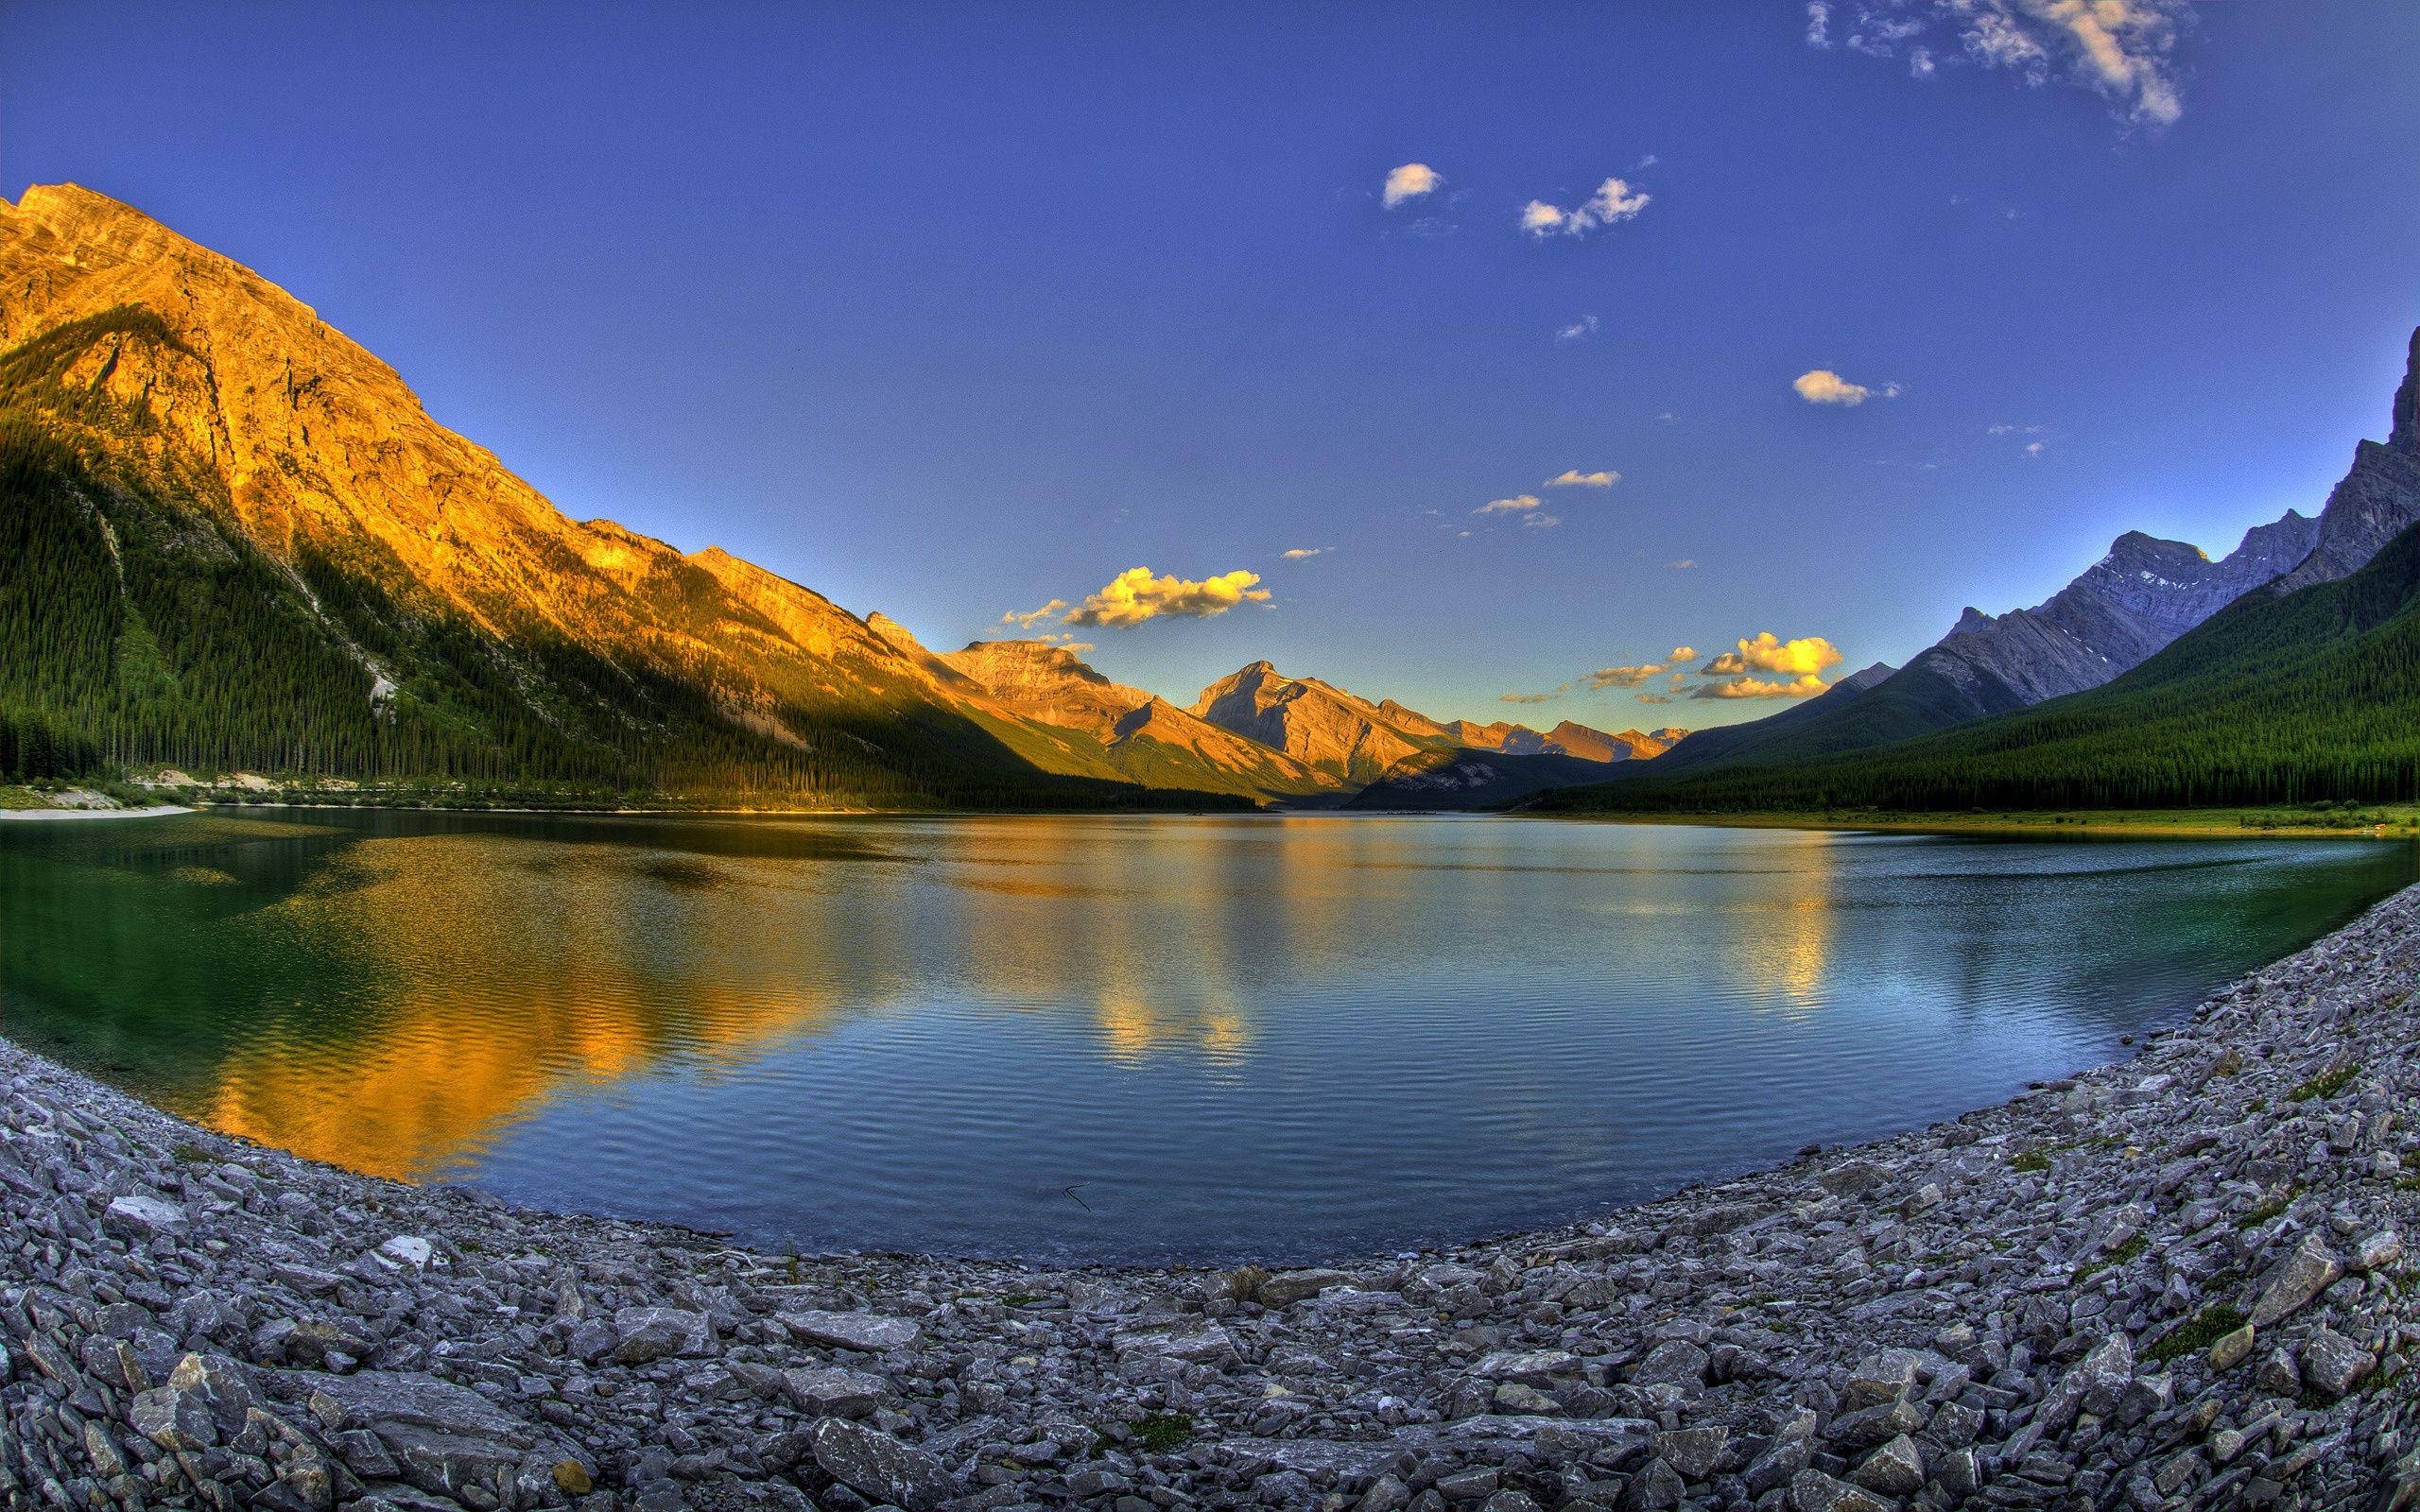 Moonrise Spray Lakes Reservoir Alberta Canada Wallpapers in jpg